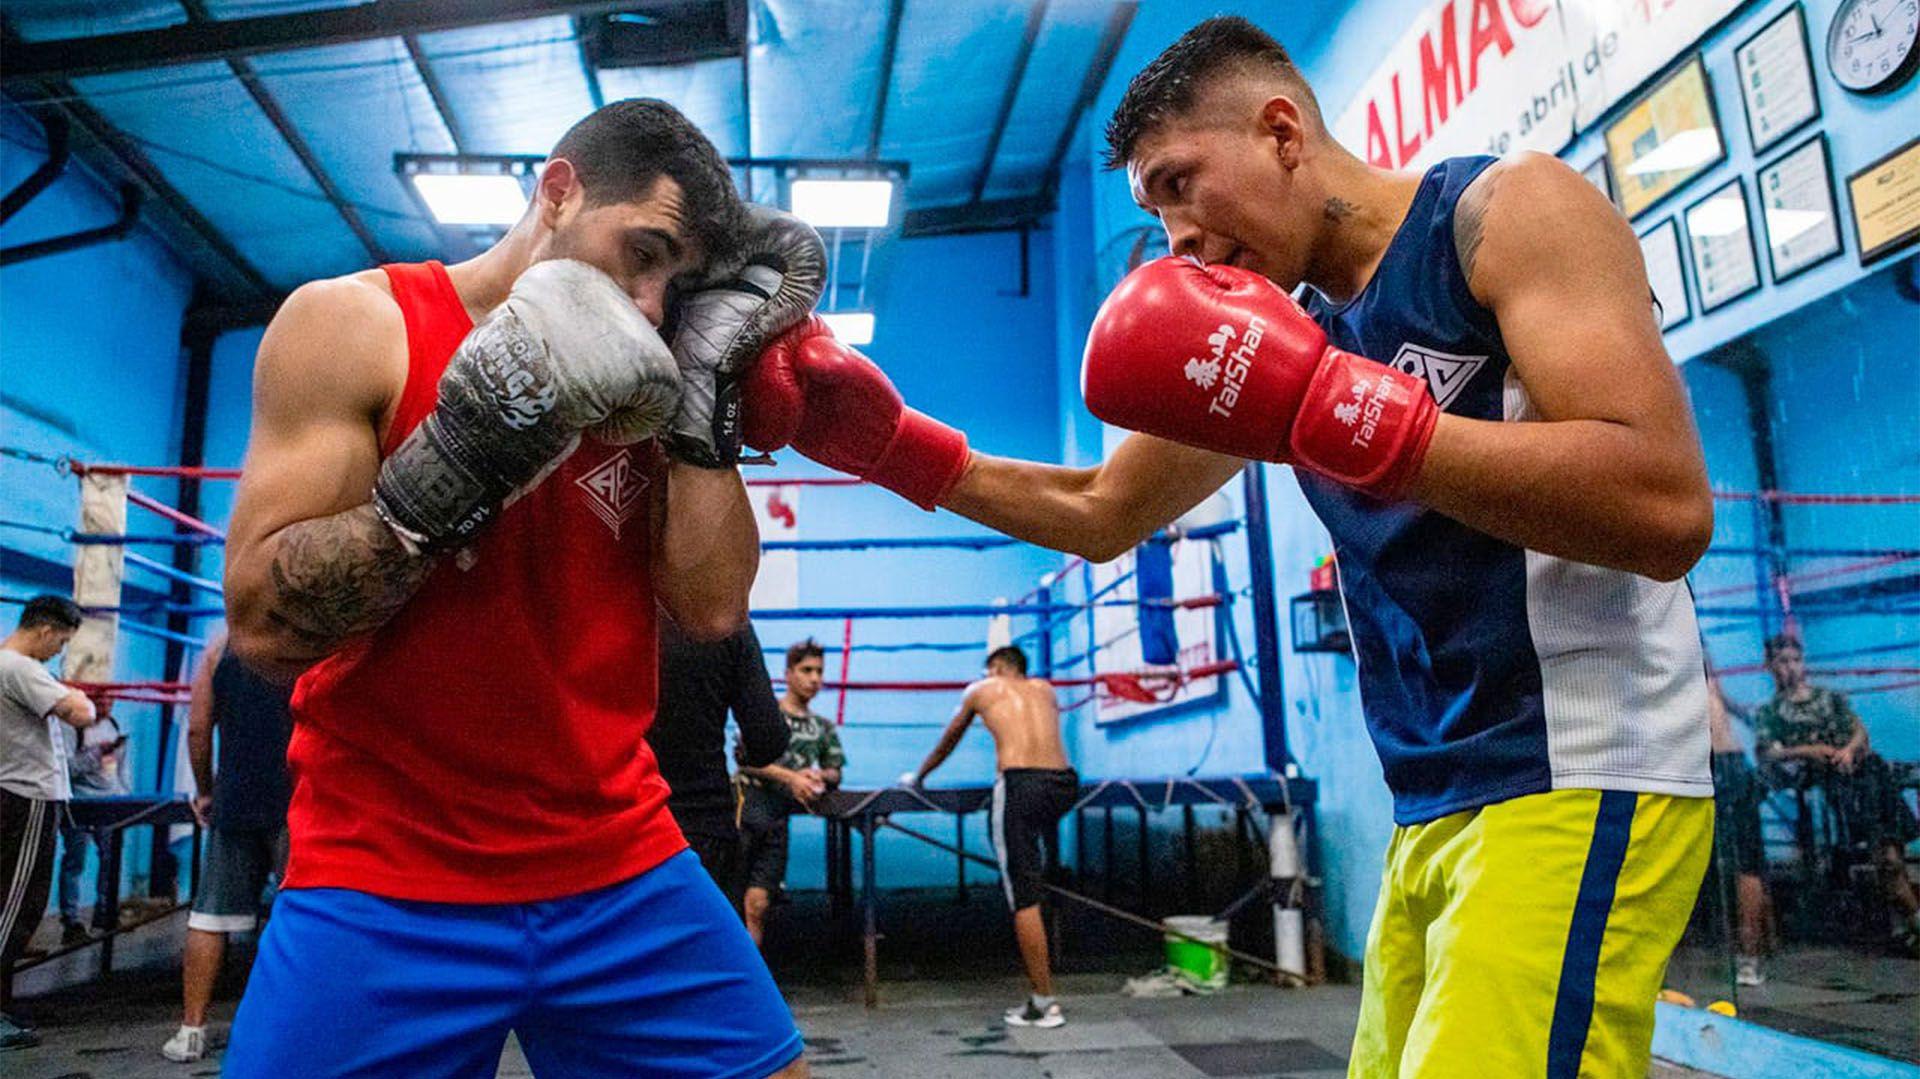 Ulises realiza una rutina diaria en un club de boxeo de Almagro desde hace 4 años (Crédito: Mundo Villa)